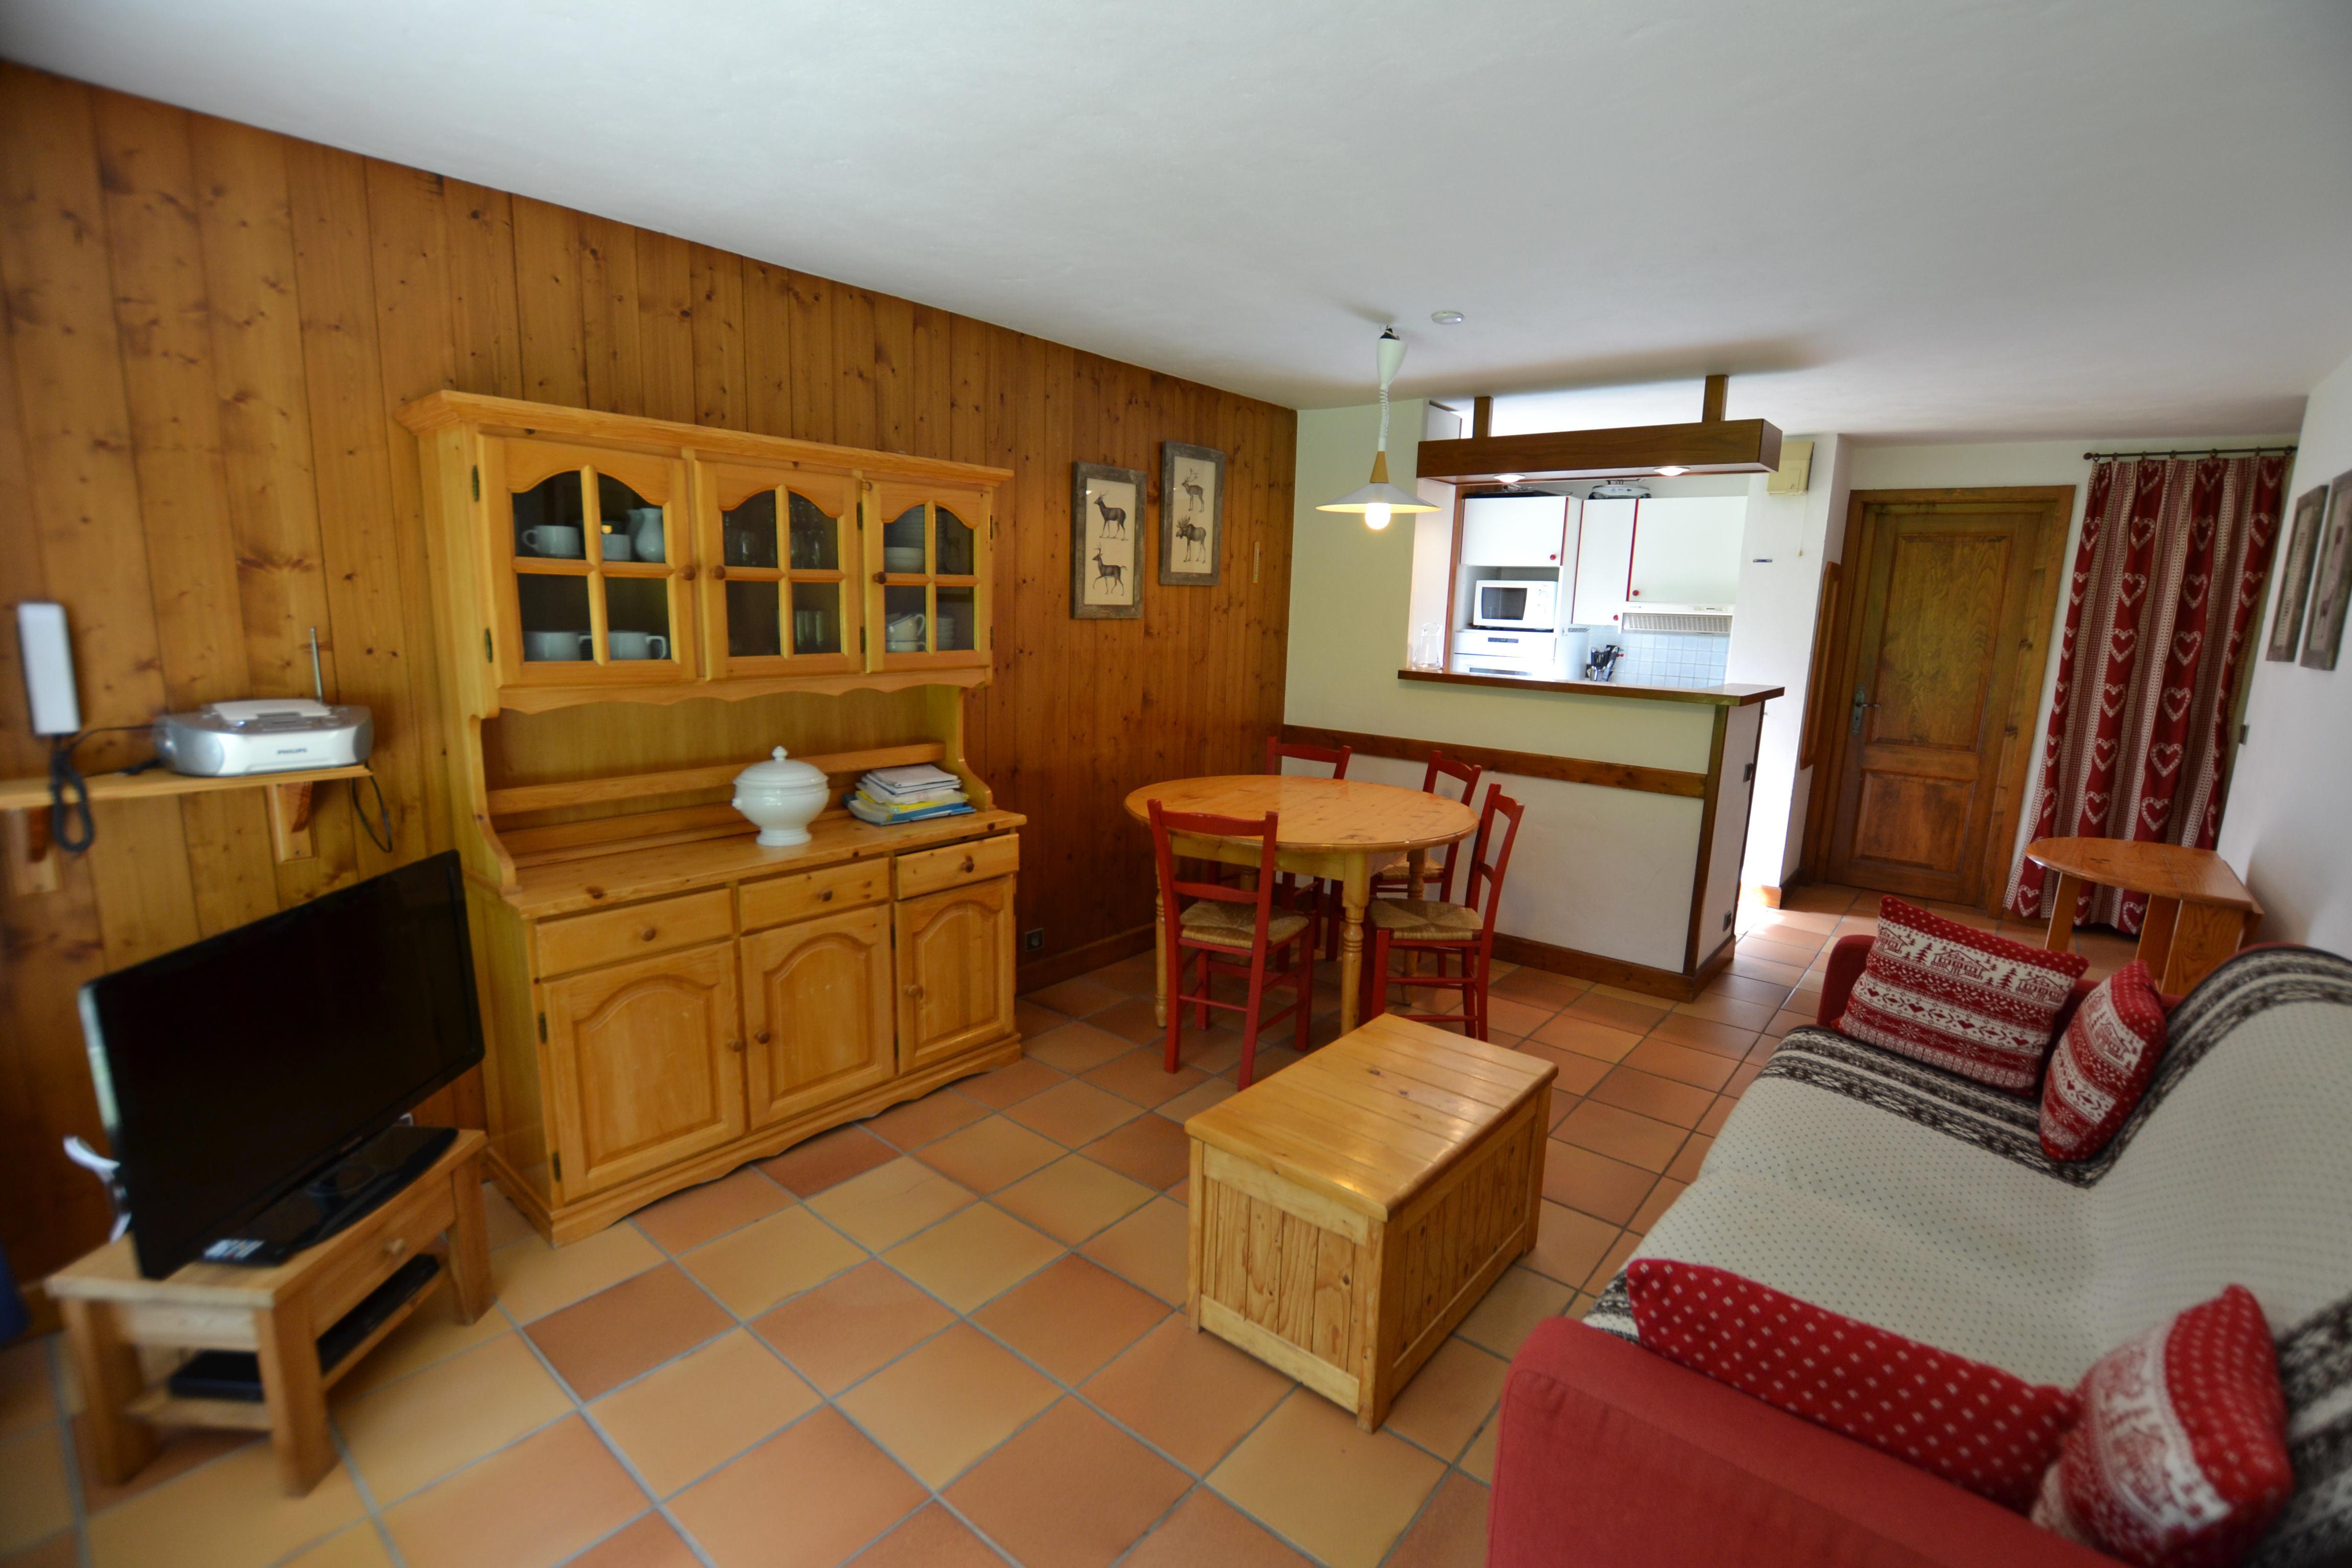 3 pièces pour 4 personnes en location de vacances à Megeve